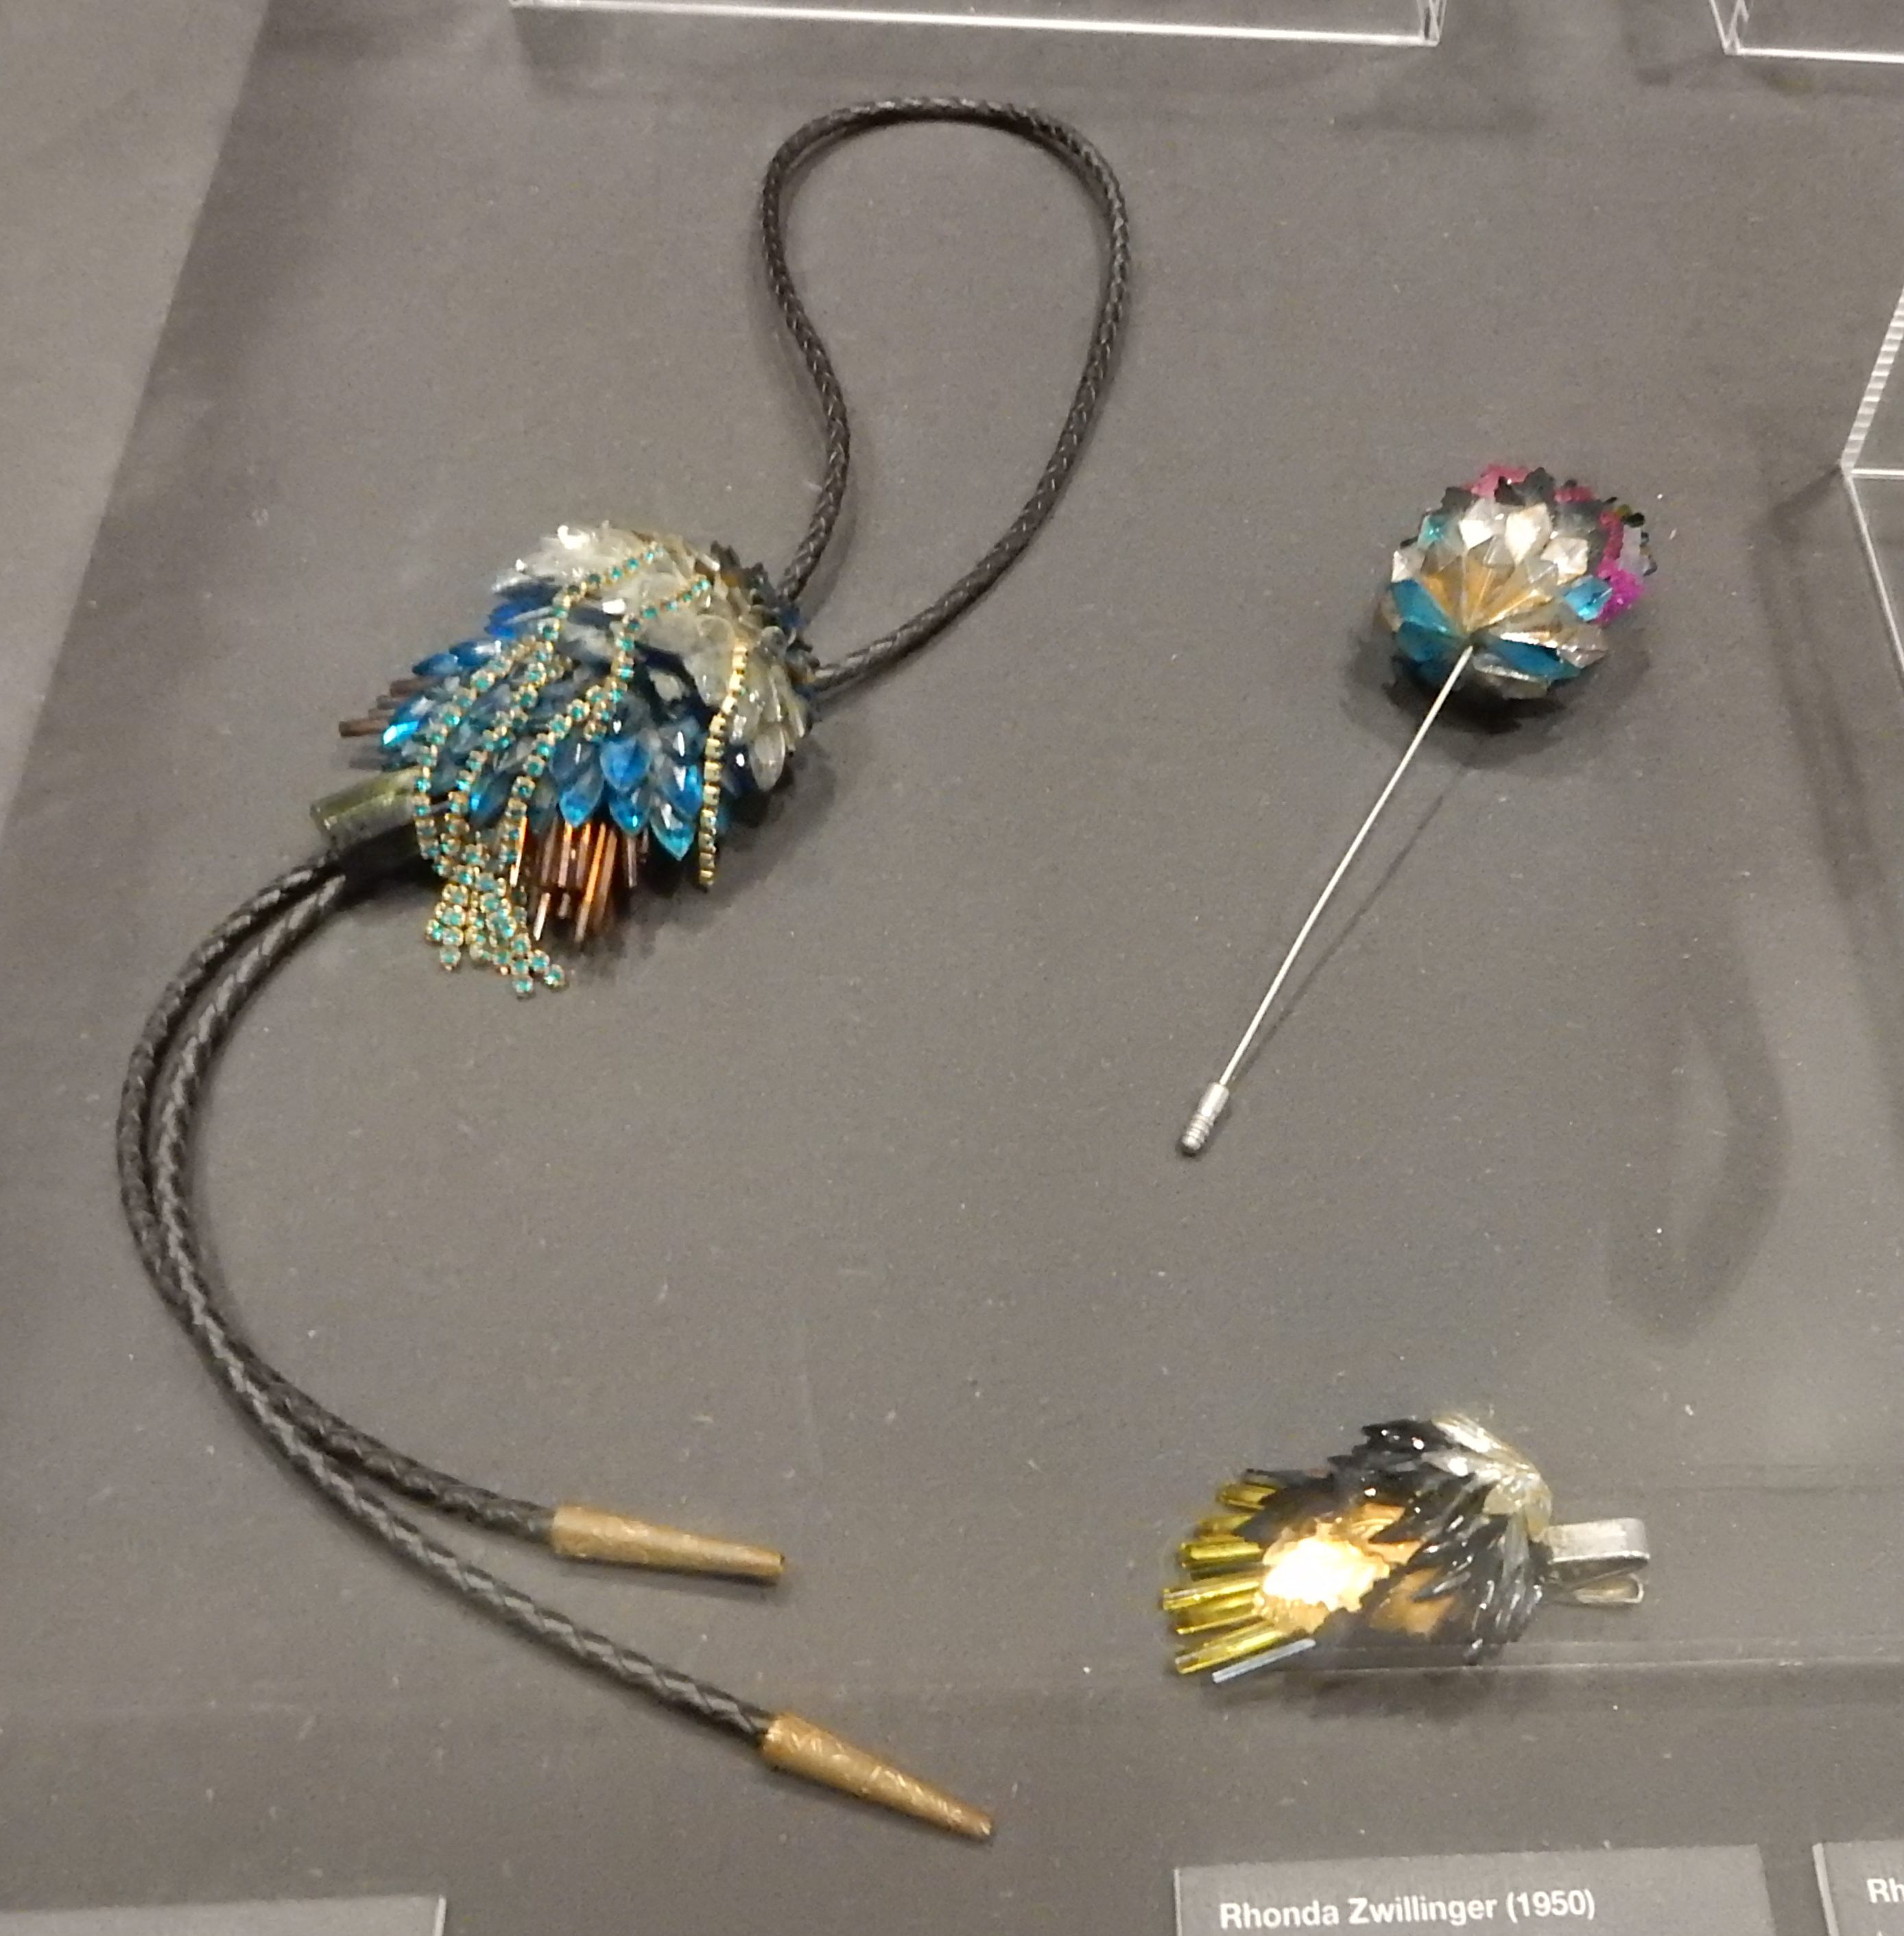 Rhonda Zwillinger, 1989. Show yourself, Design Museum Den Bosch, 2018, Collectie Yvònne Joris. Collectie DMDB, tentoonstelling, metaal, vitrine